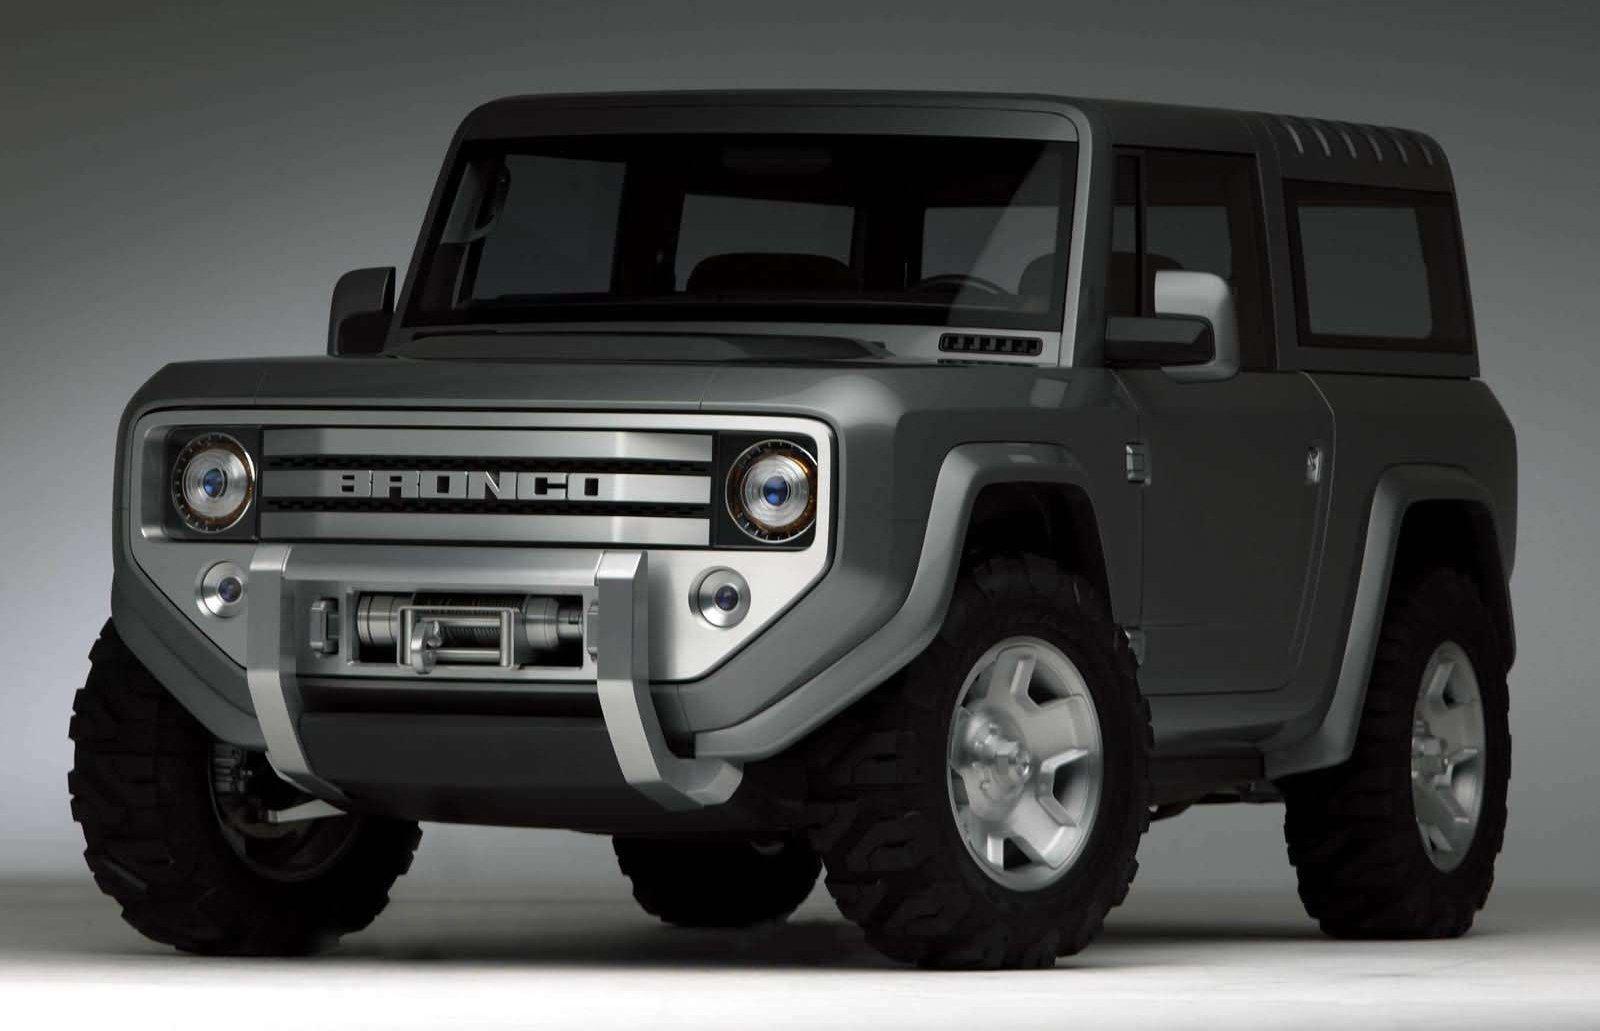 ford bronco 4x4 confirmed for 2020 ranger based. Black Bedroom Furniture Sets. Home Design Ideas